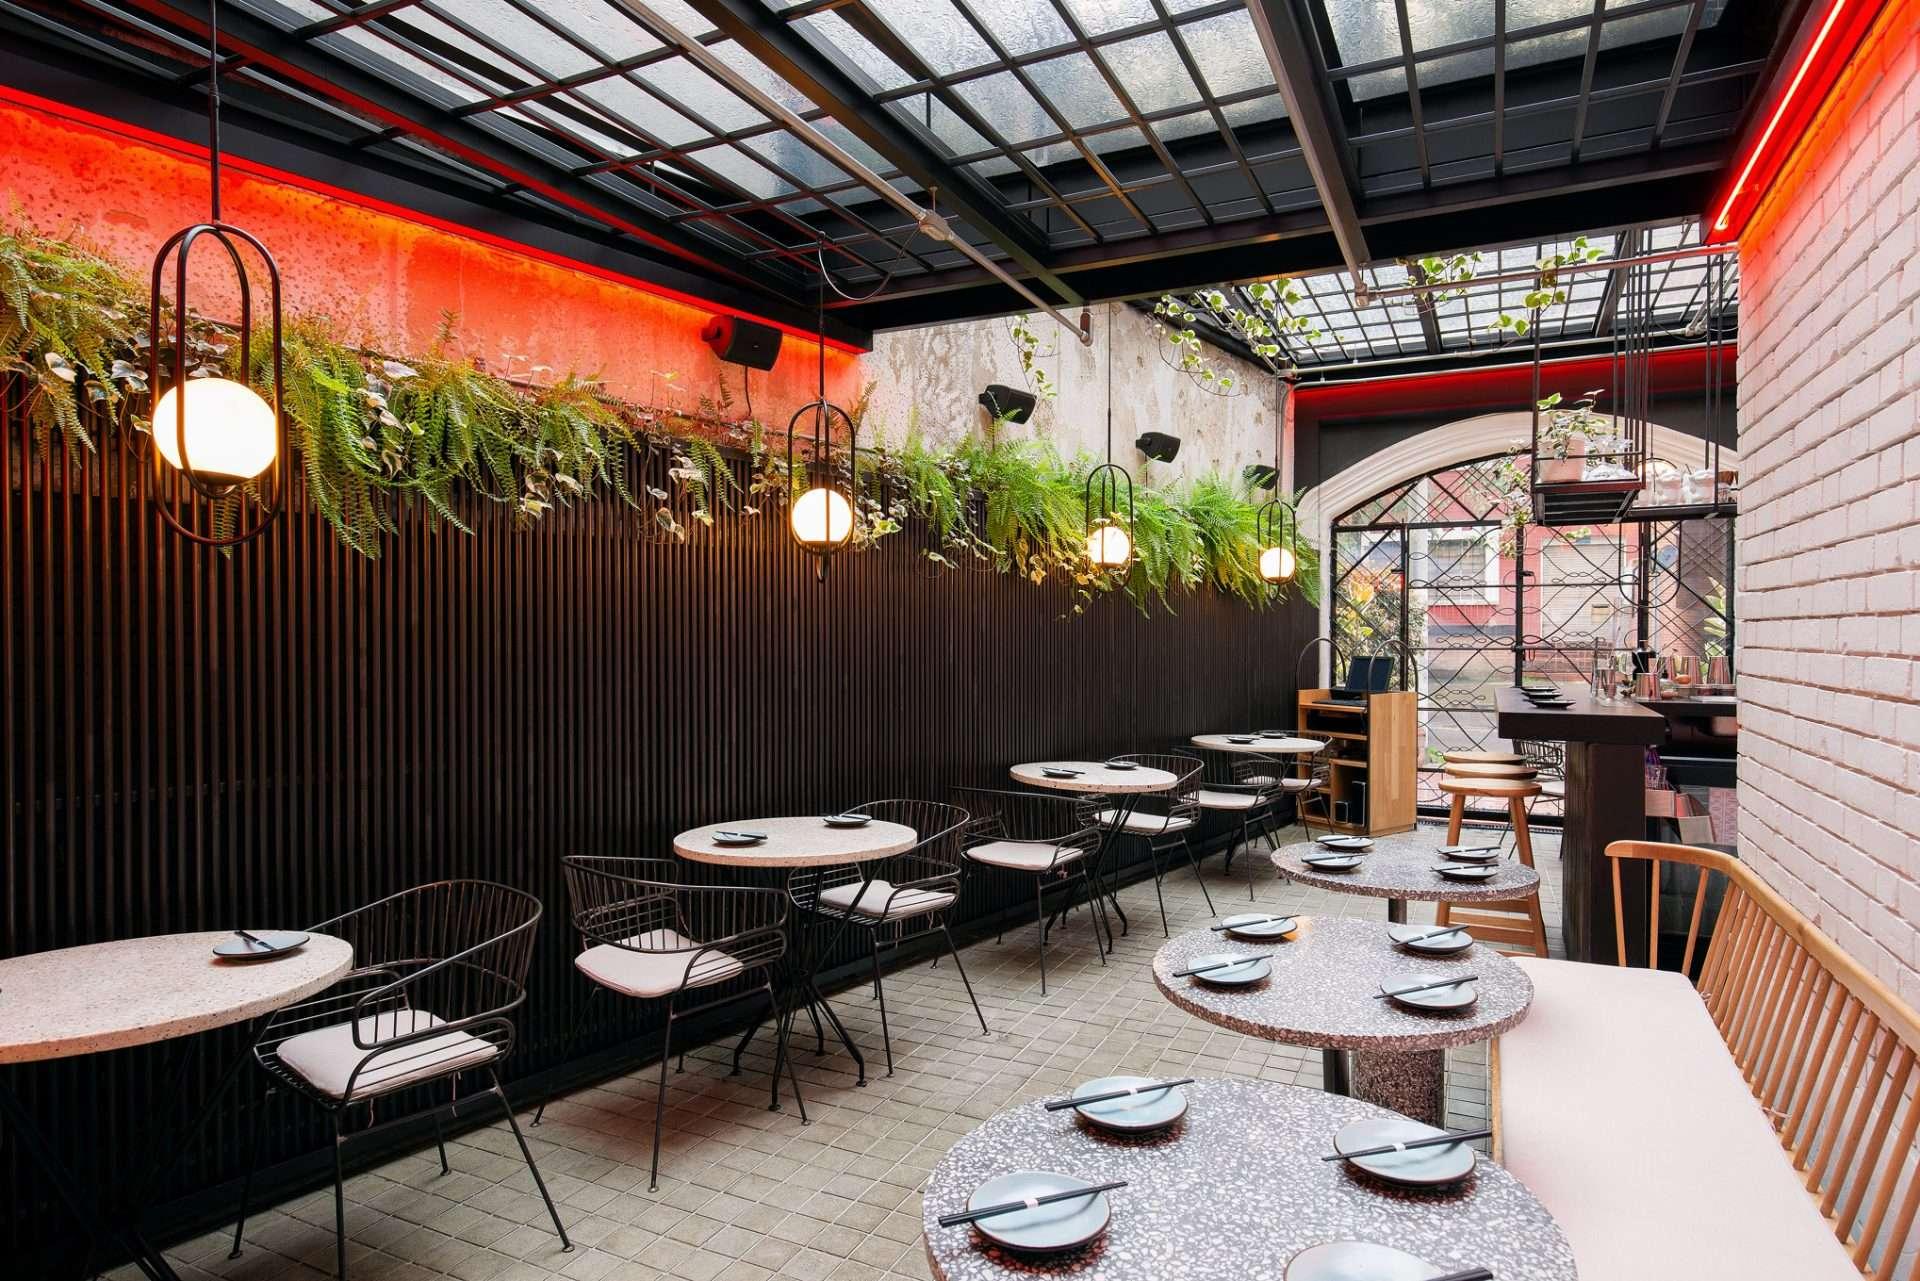 07.elchino.colette.duque.arquitectura.simon.bosch.bogota.dimsum.interior.restaurant